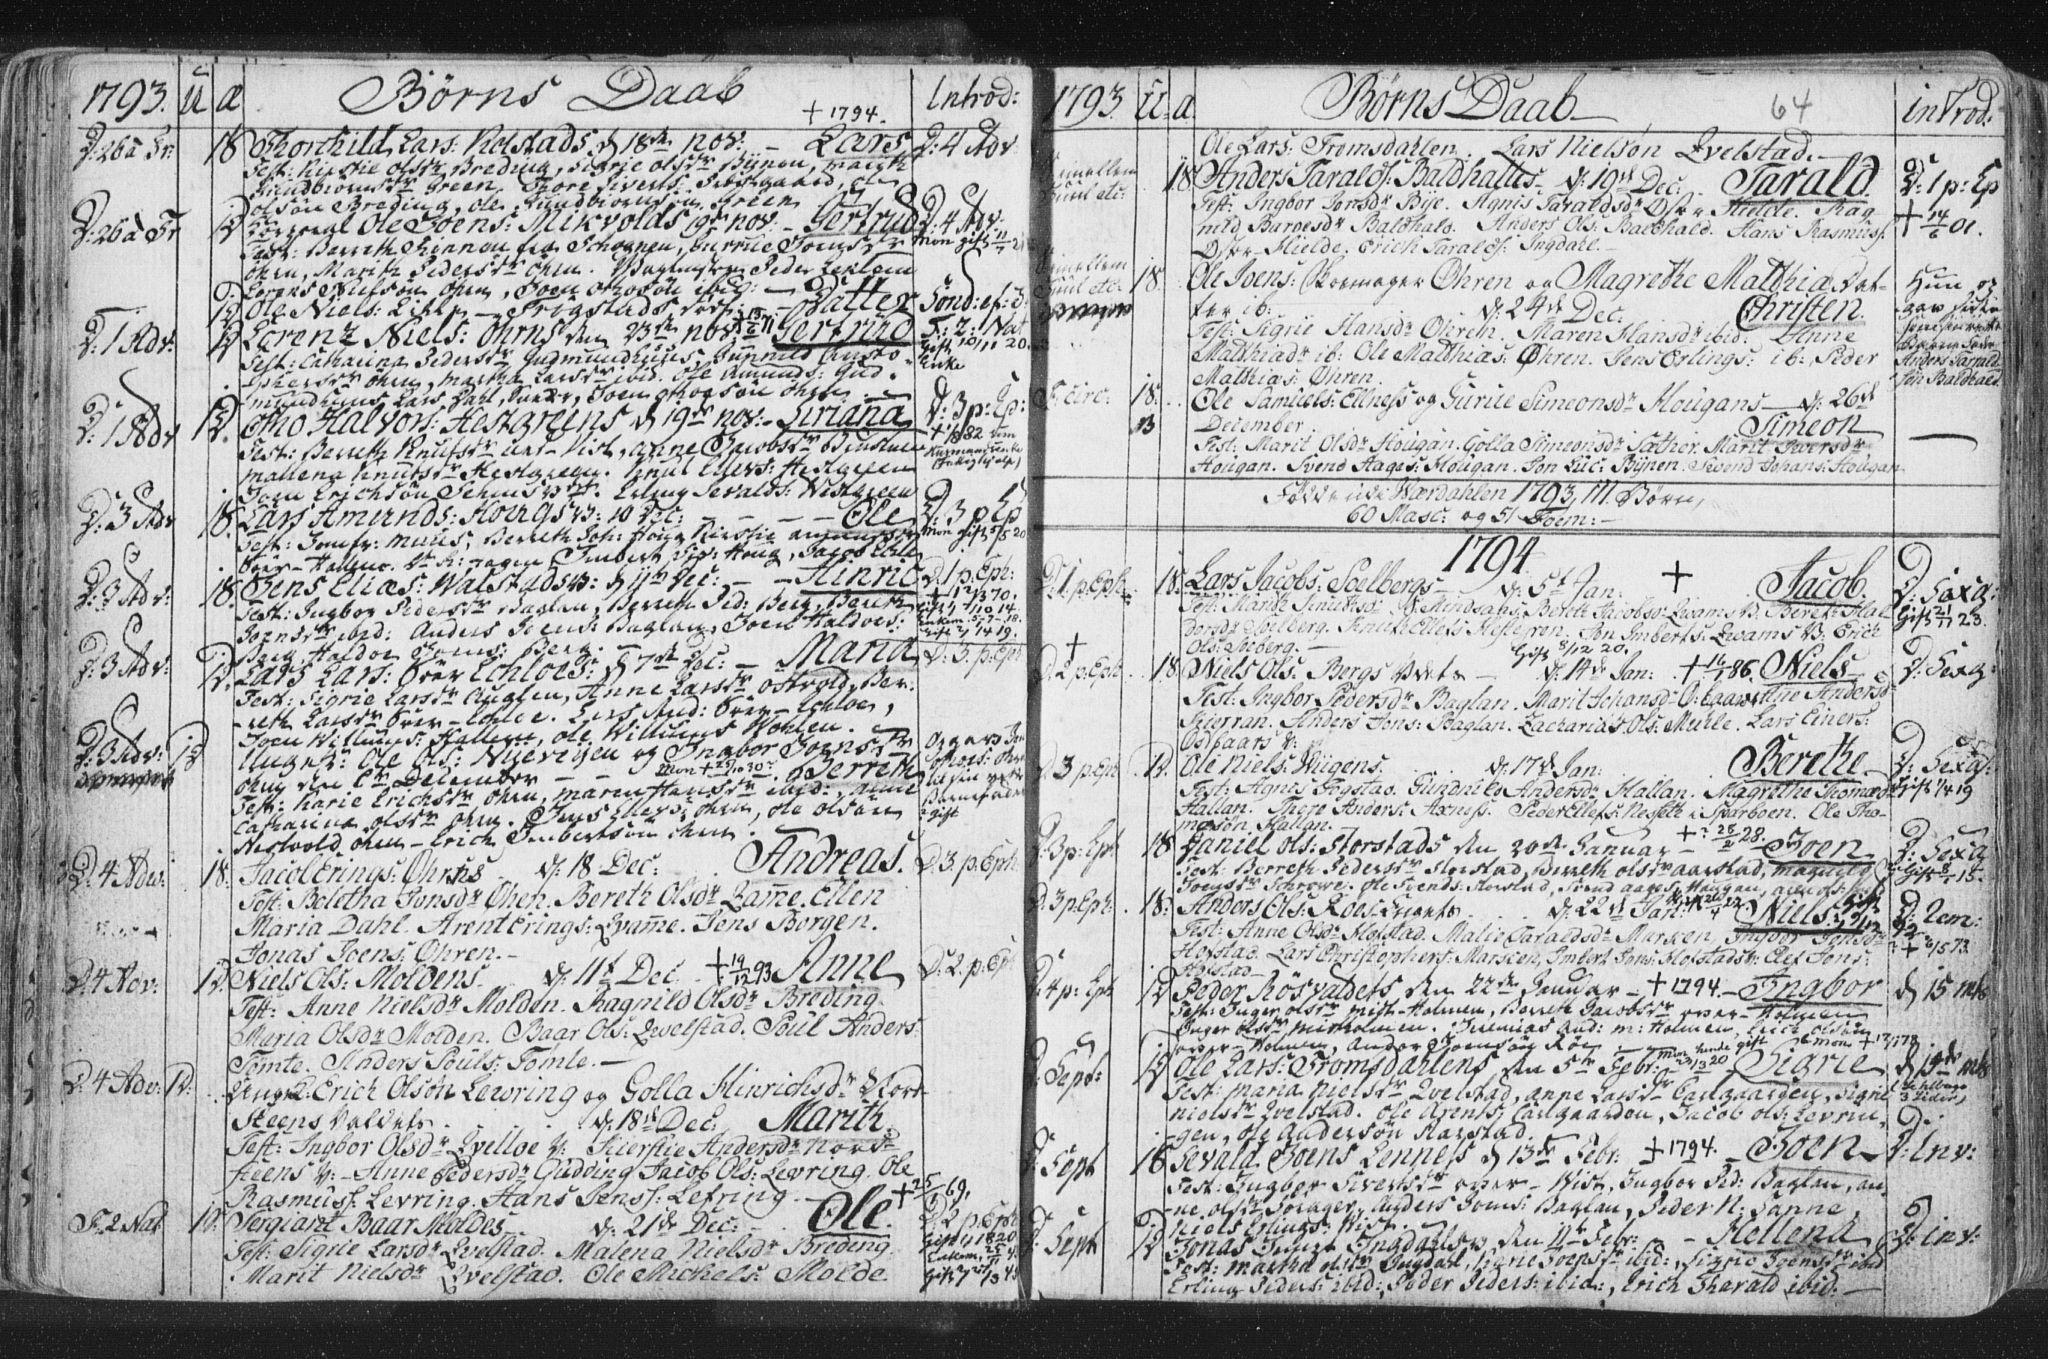 SAT, Ministerialprotokoller, klokkerbøker og fødselsregistre - Nord-Trøndelag, 723/L0232: Ministerialbok nr. 723A03, 1781-1804, s. 64